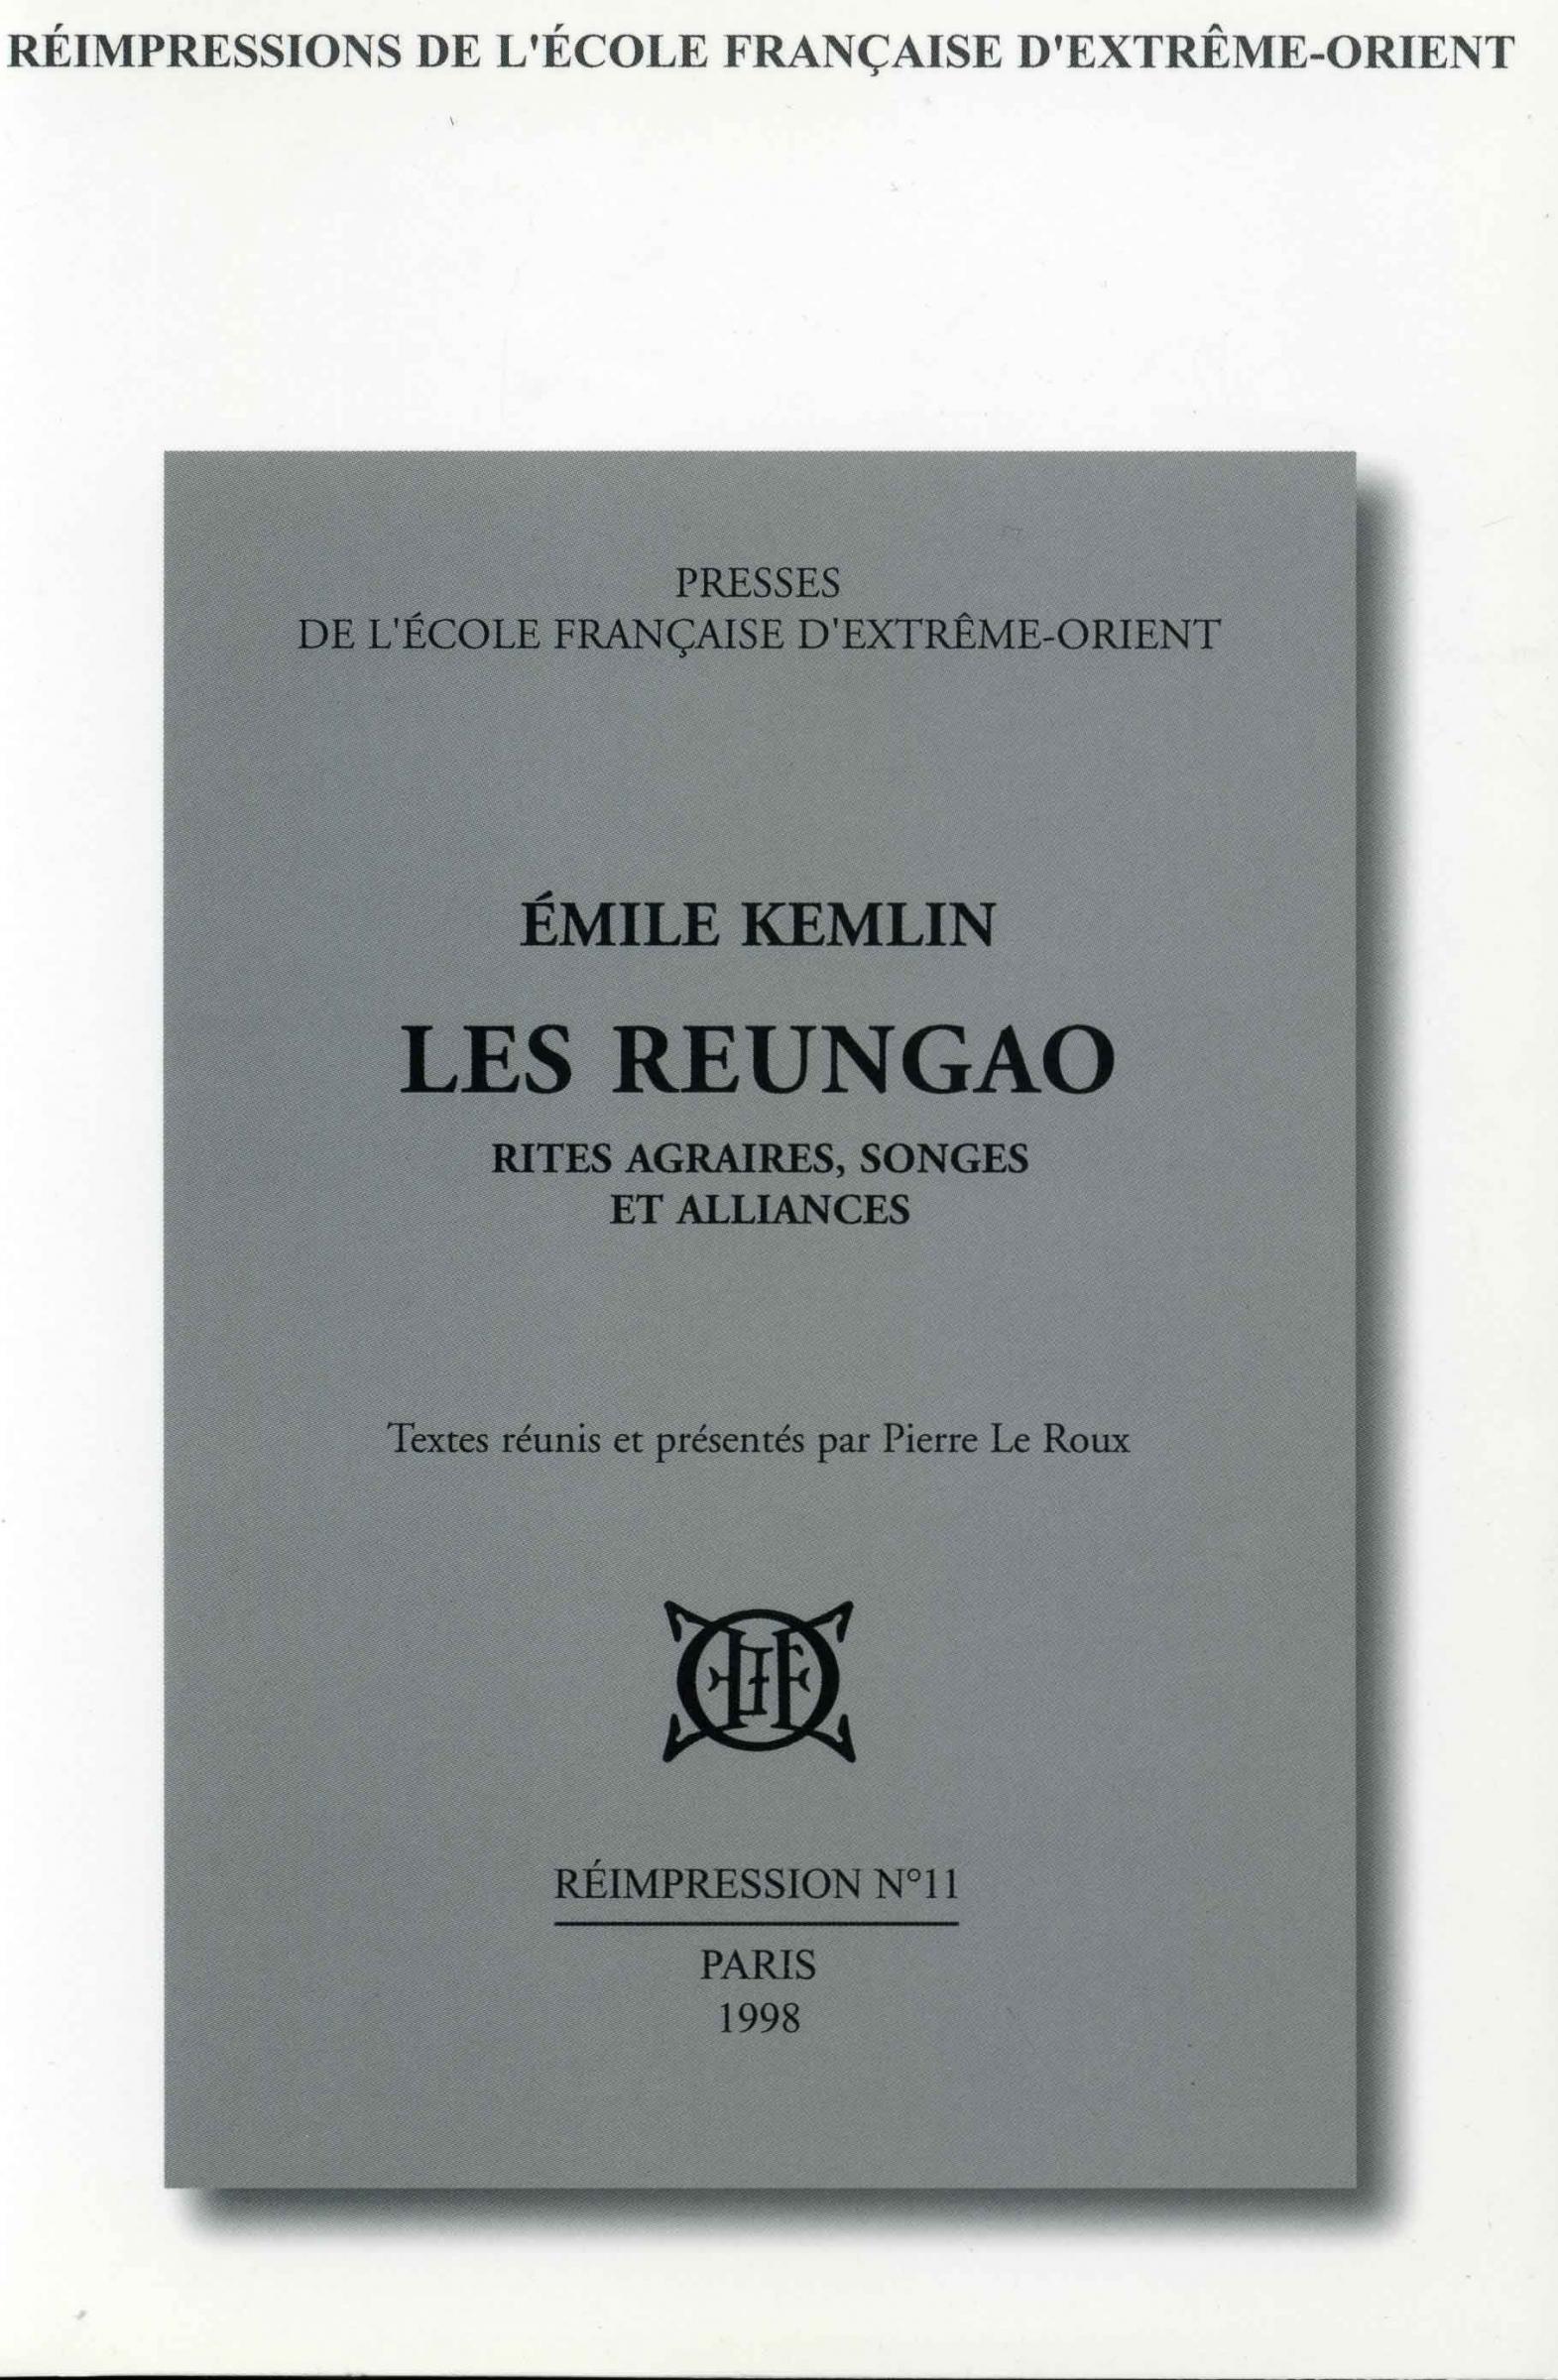 Les Reungao : rites agraires, songes et alliances